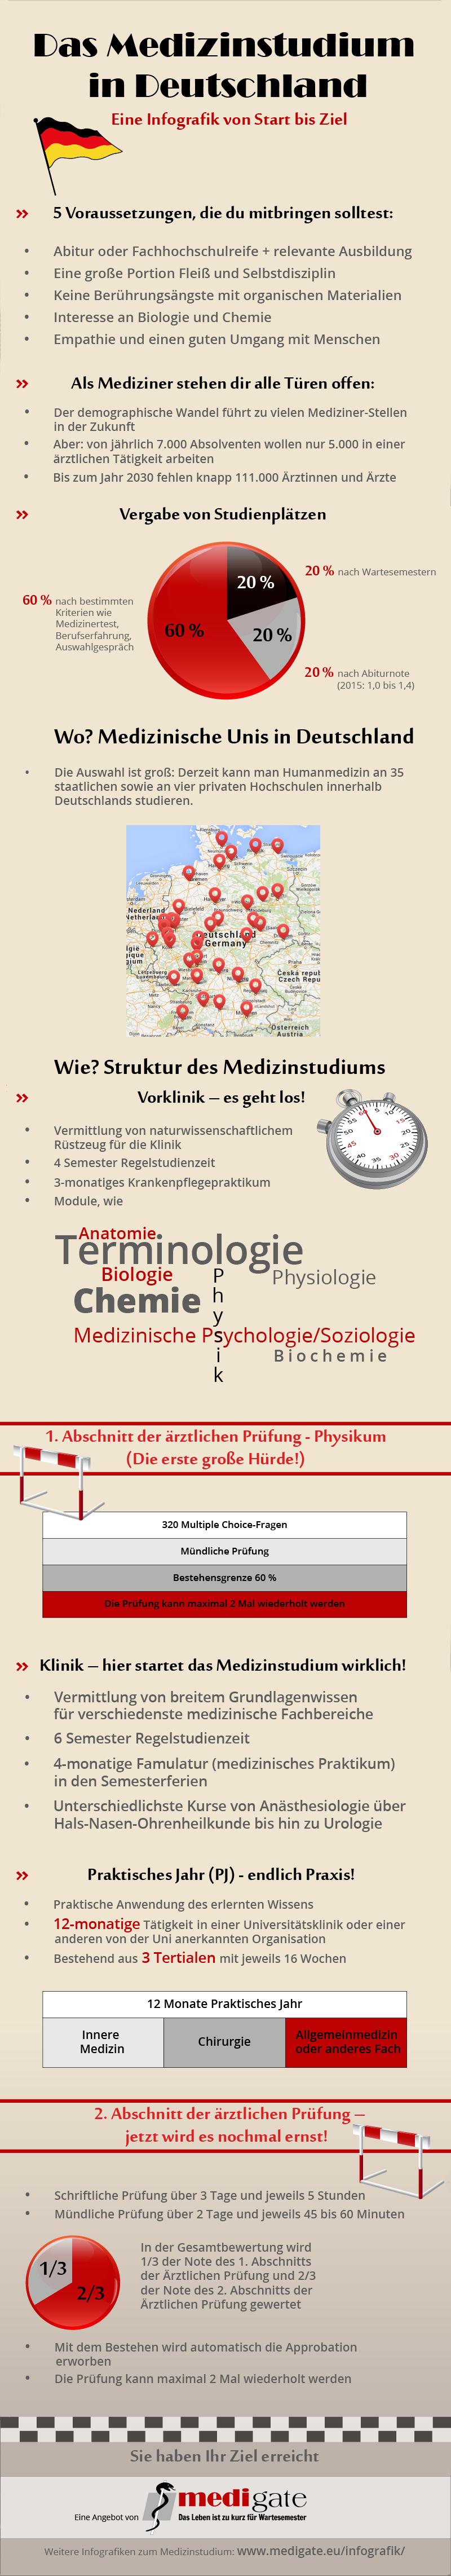 Infografik Medizinstudium In Deutschland Studium Idiomas